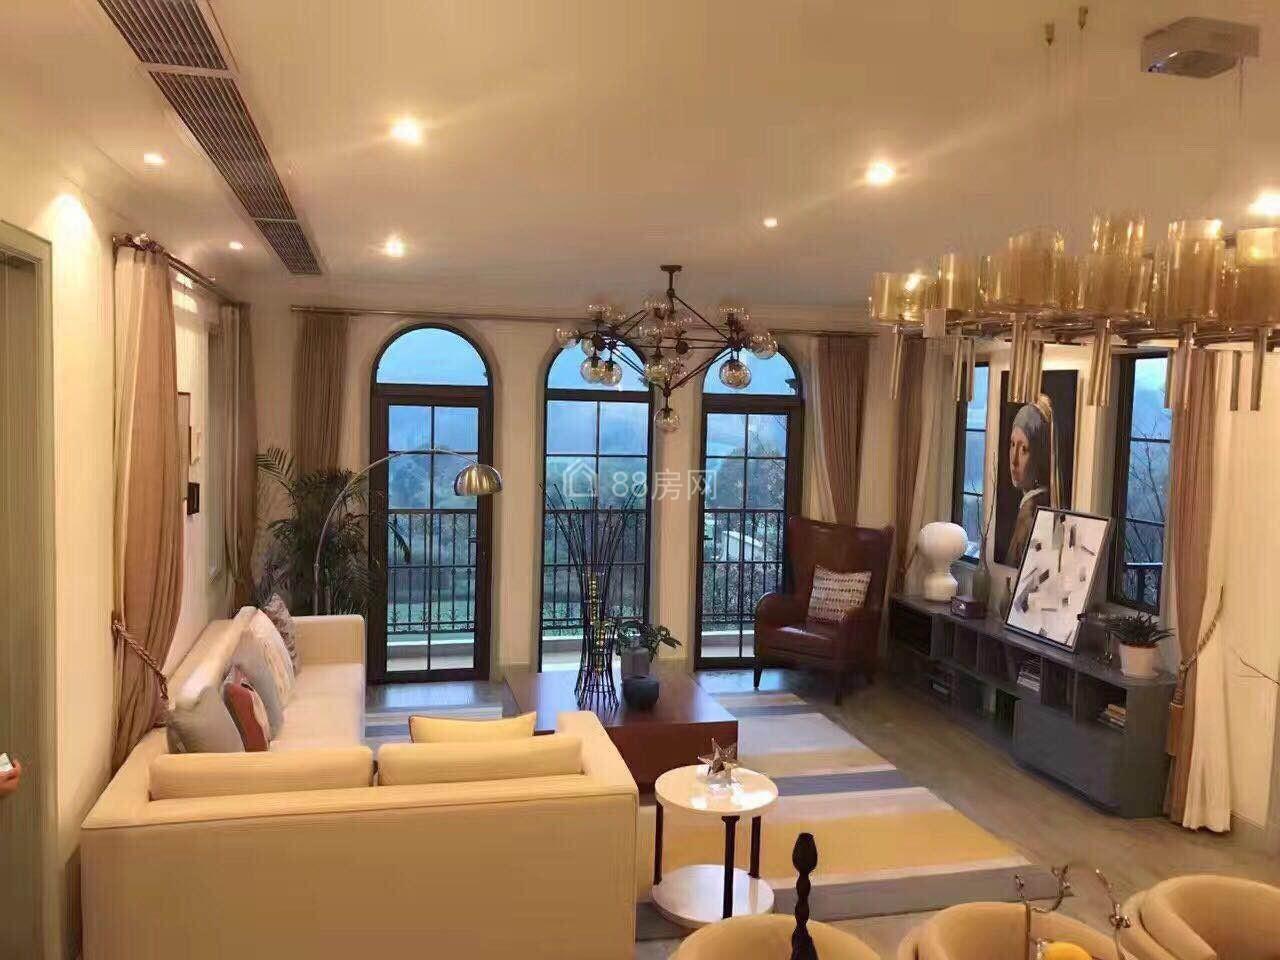 安吉 绿城龙王溪玫瑰园 一期现房急售 房东抛售 精装修